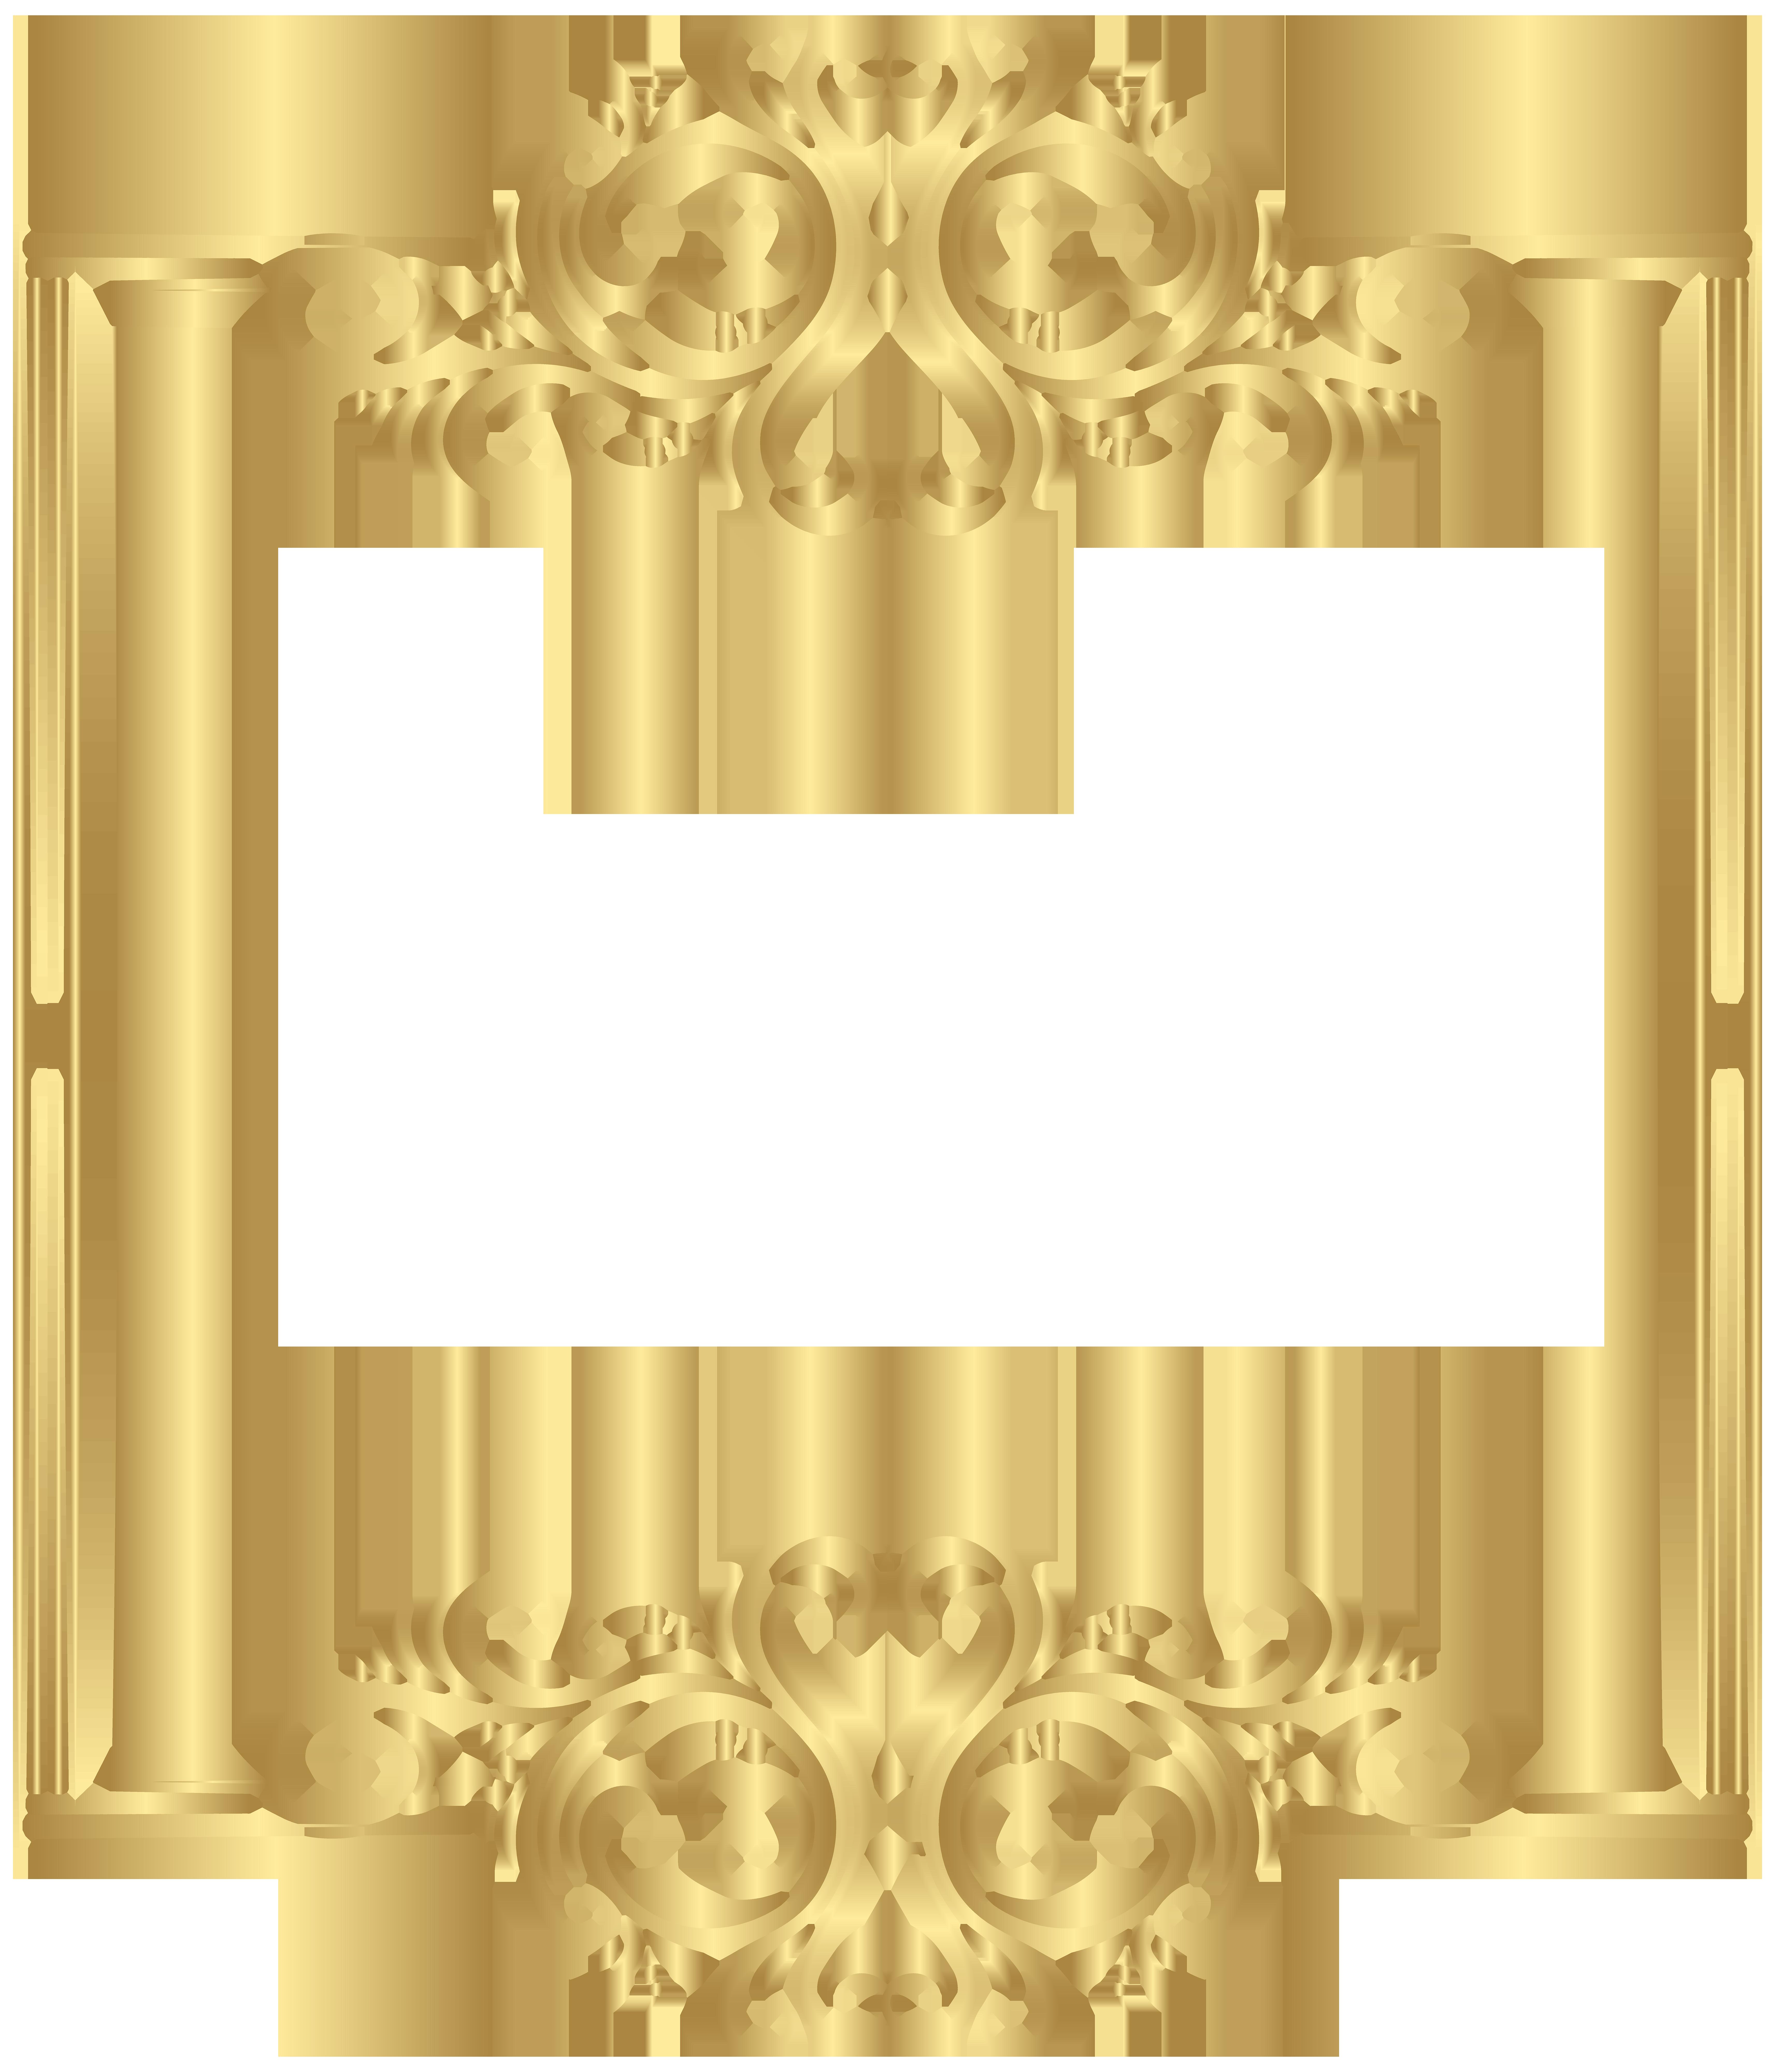 Gold border clipart jpg stock Free Golden Border Cliparts, Download Free Clip Art, Free Clip Art ... jpg stock